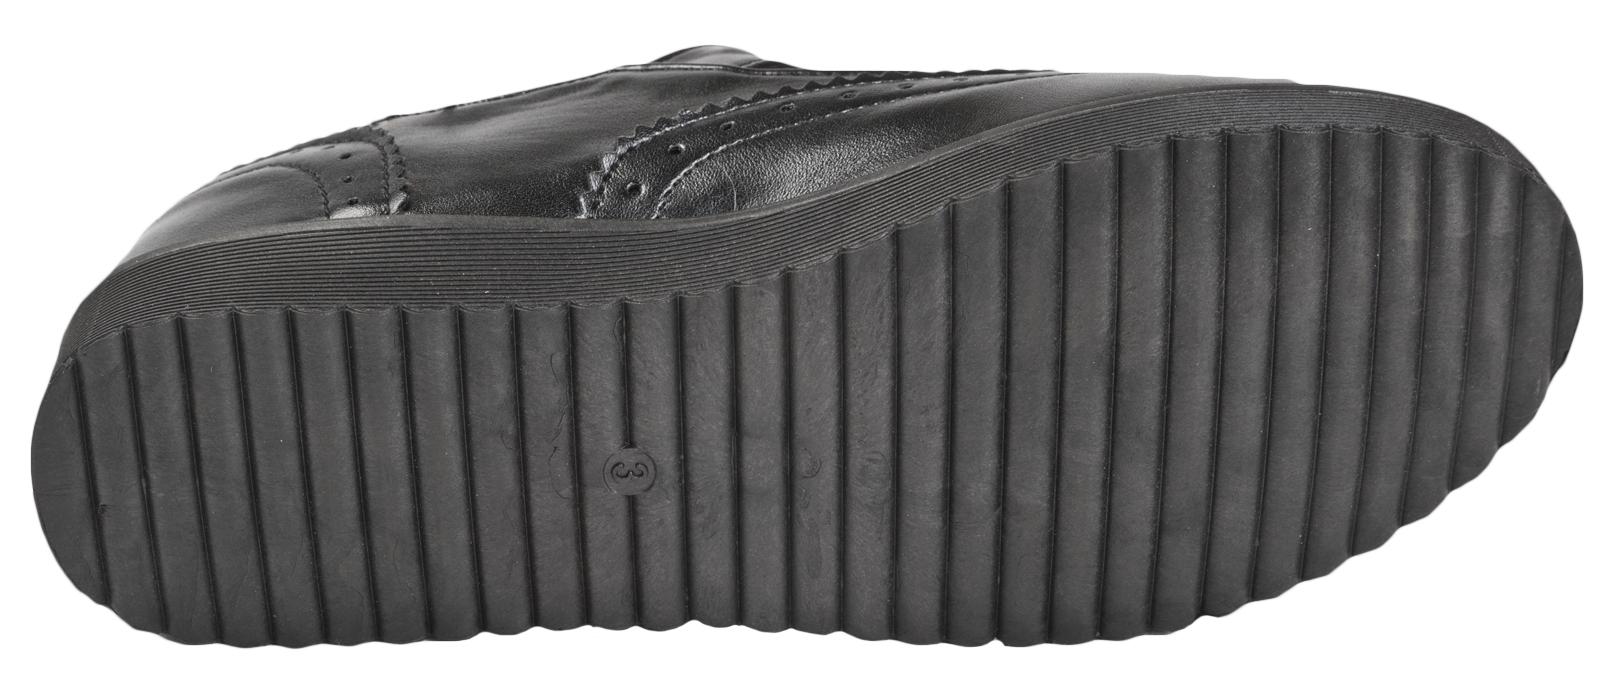 Filles Noir École Chaussures Chunky Plateformes Plates Semelle Flatforms Kids Femme Travail